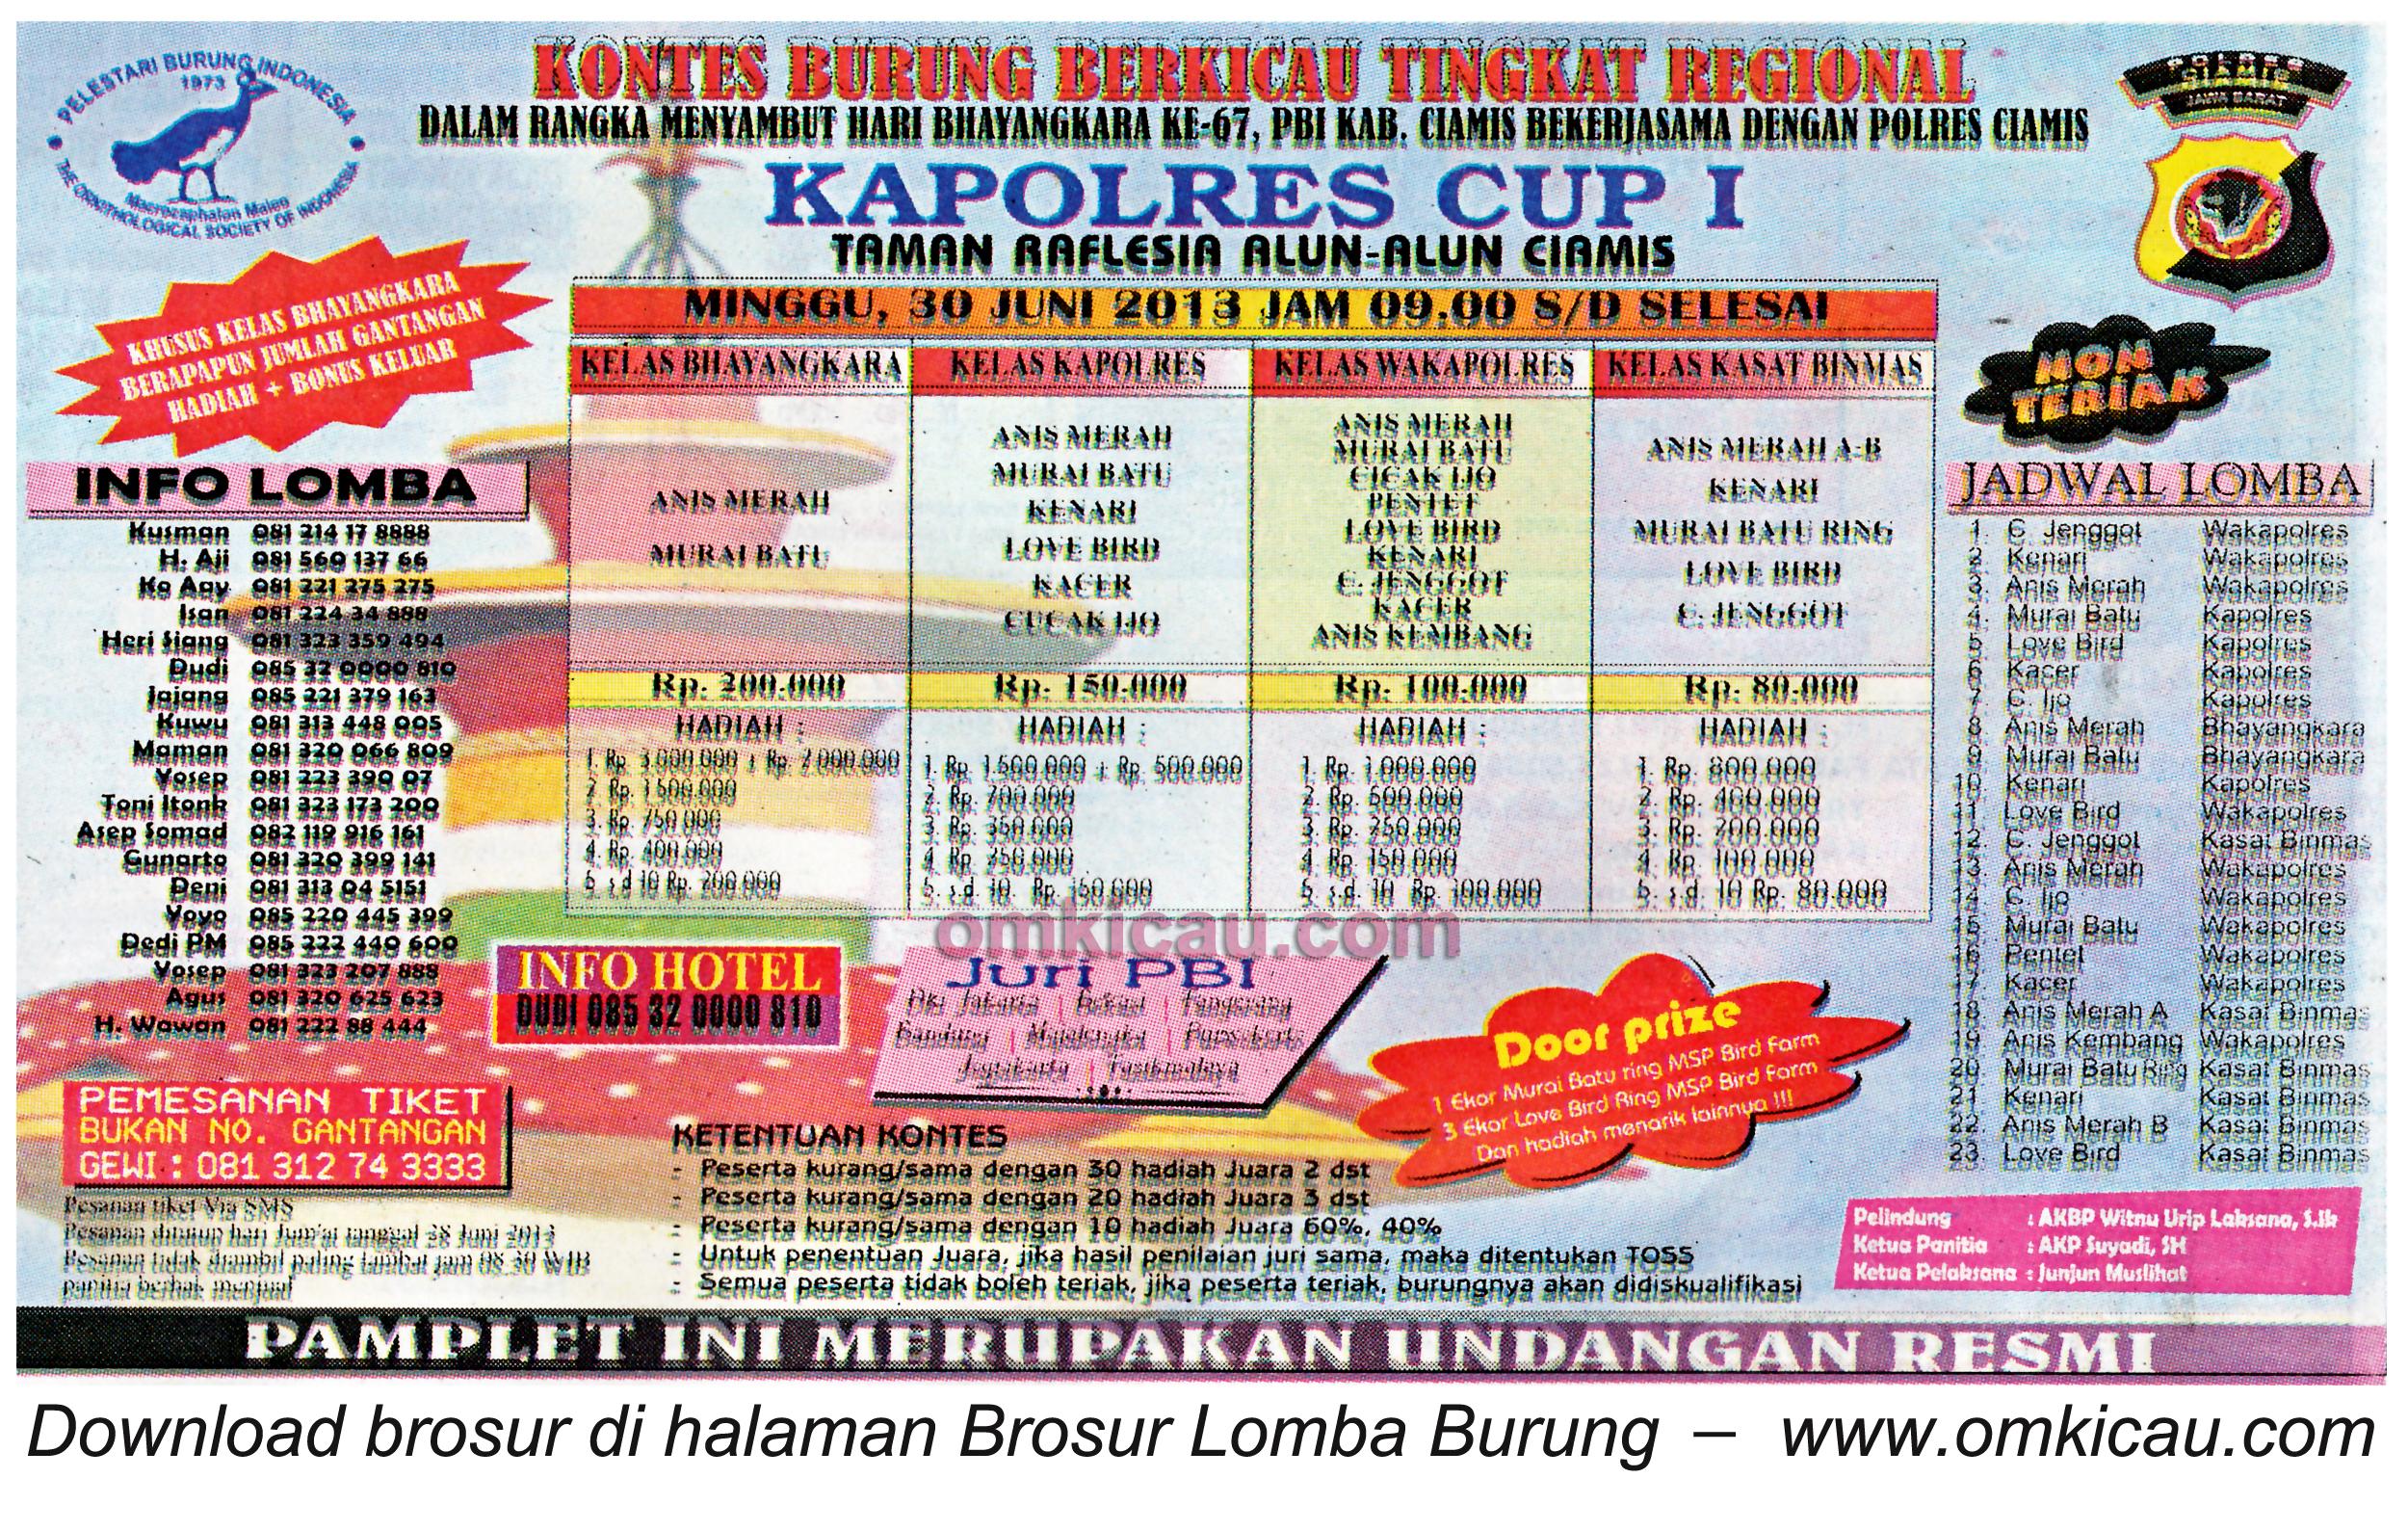 Brosur Lomba Burung Kapolres Cup I Ciamis 30 Juni 2013